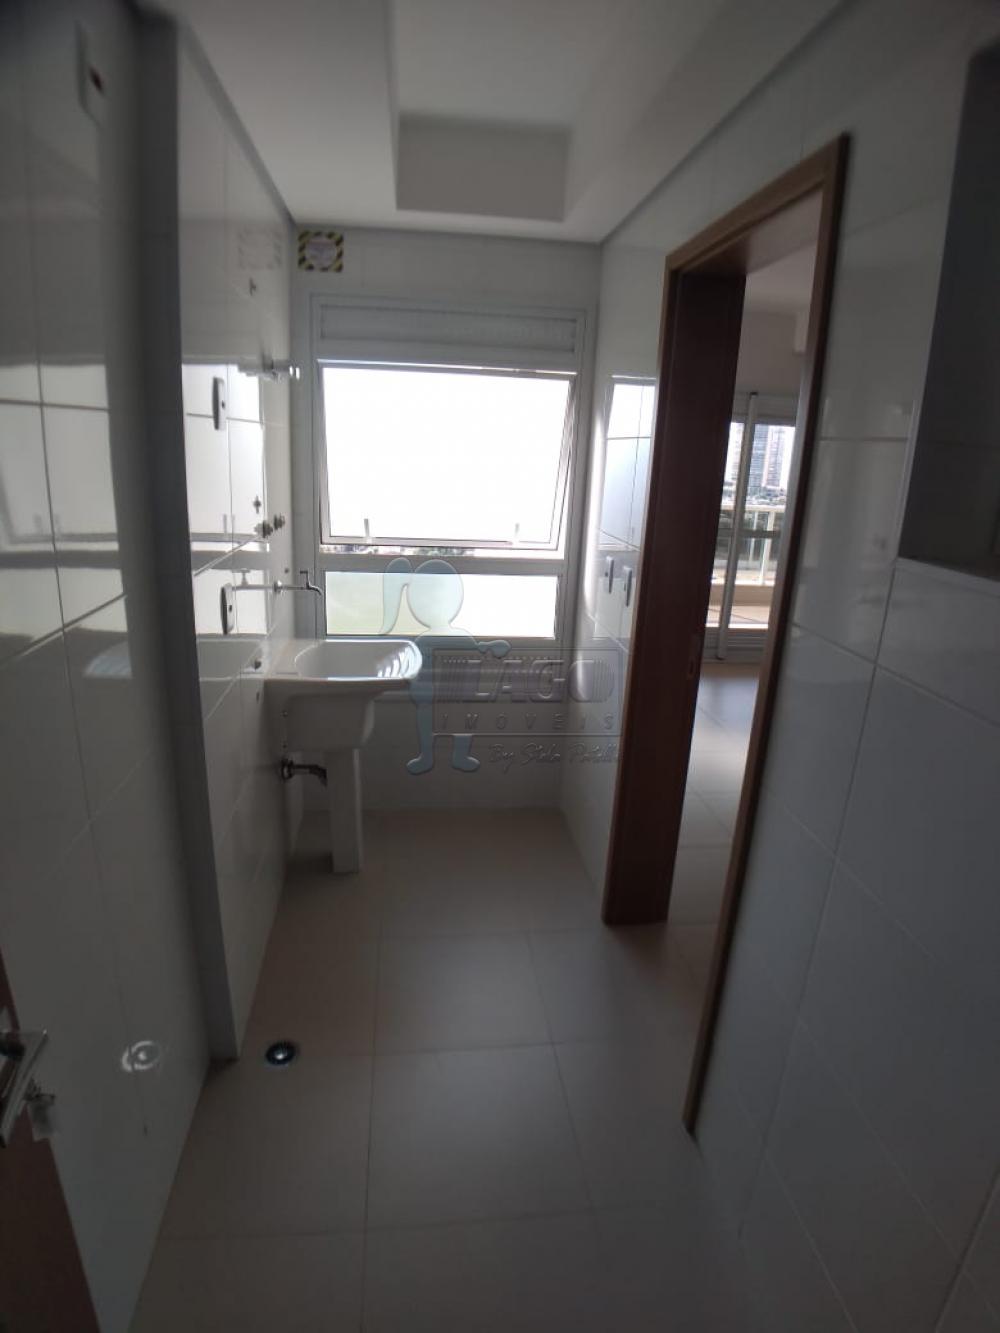 Comprar Apartamento / Padrão em Bonfim Paulista apenas R$ 700.000,00 - Foto 6